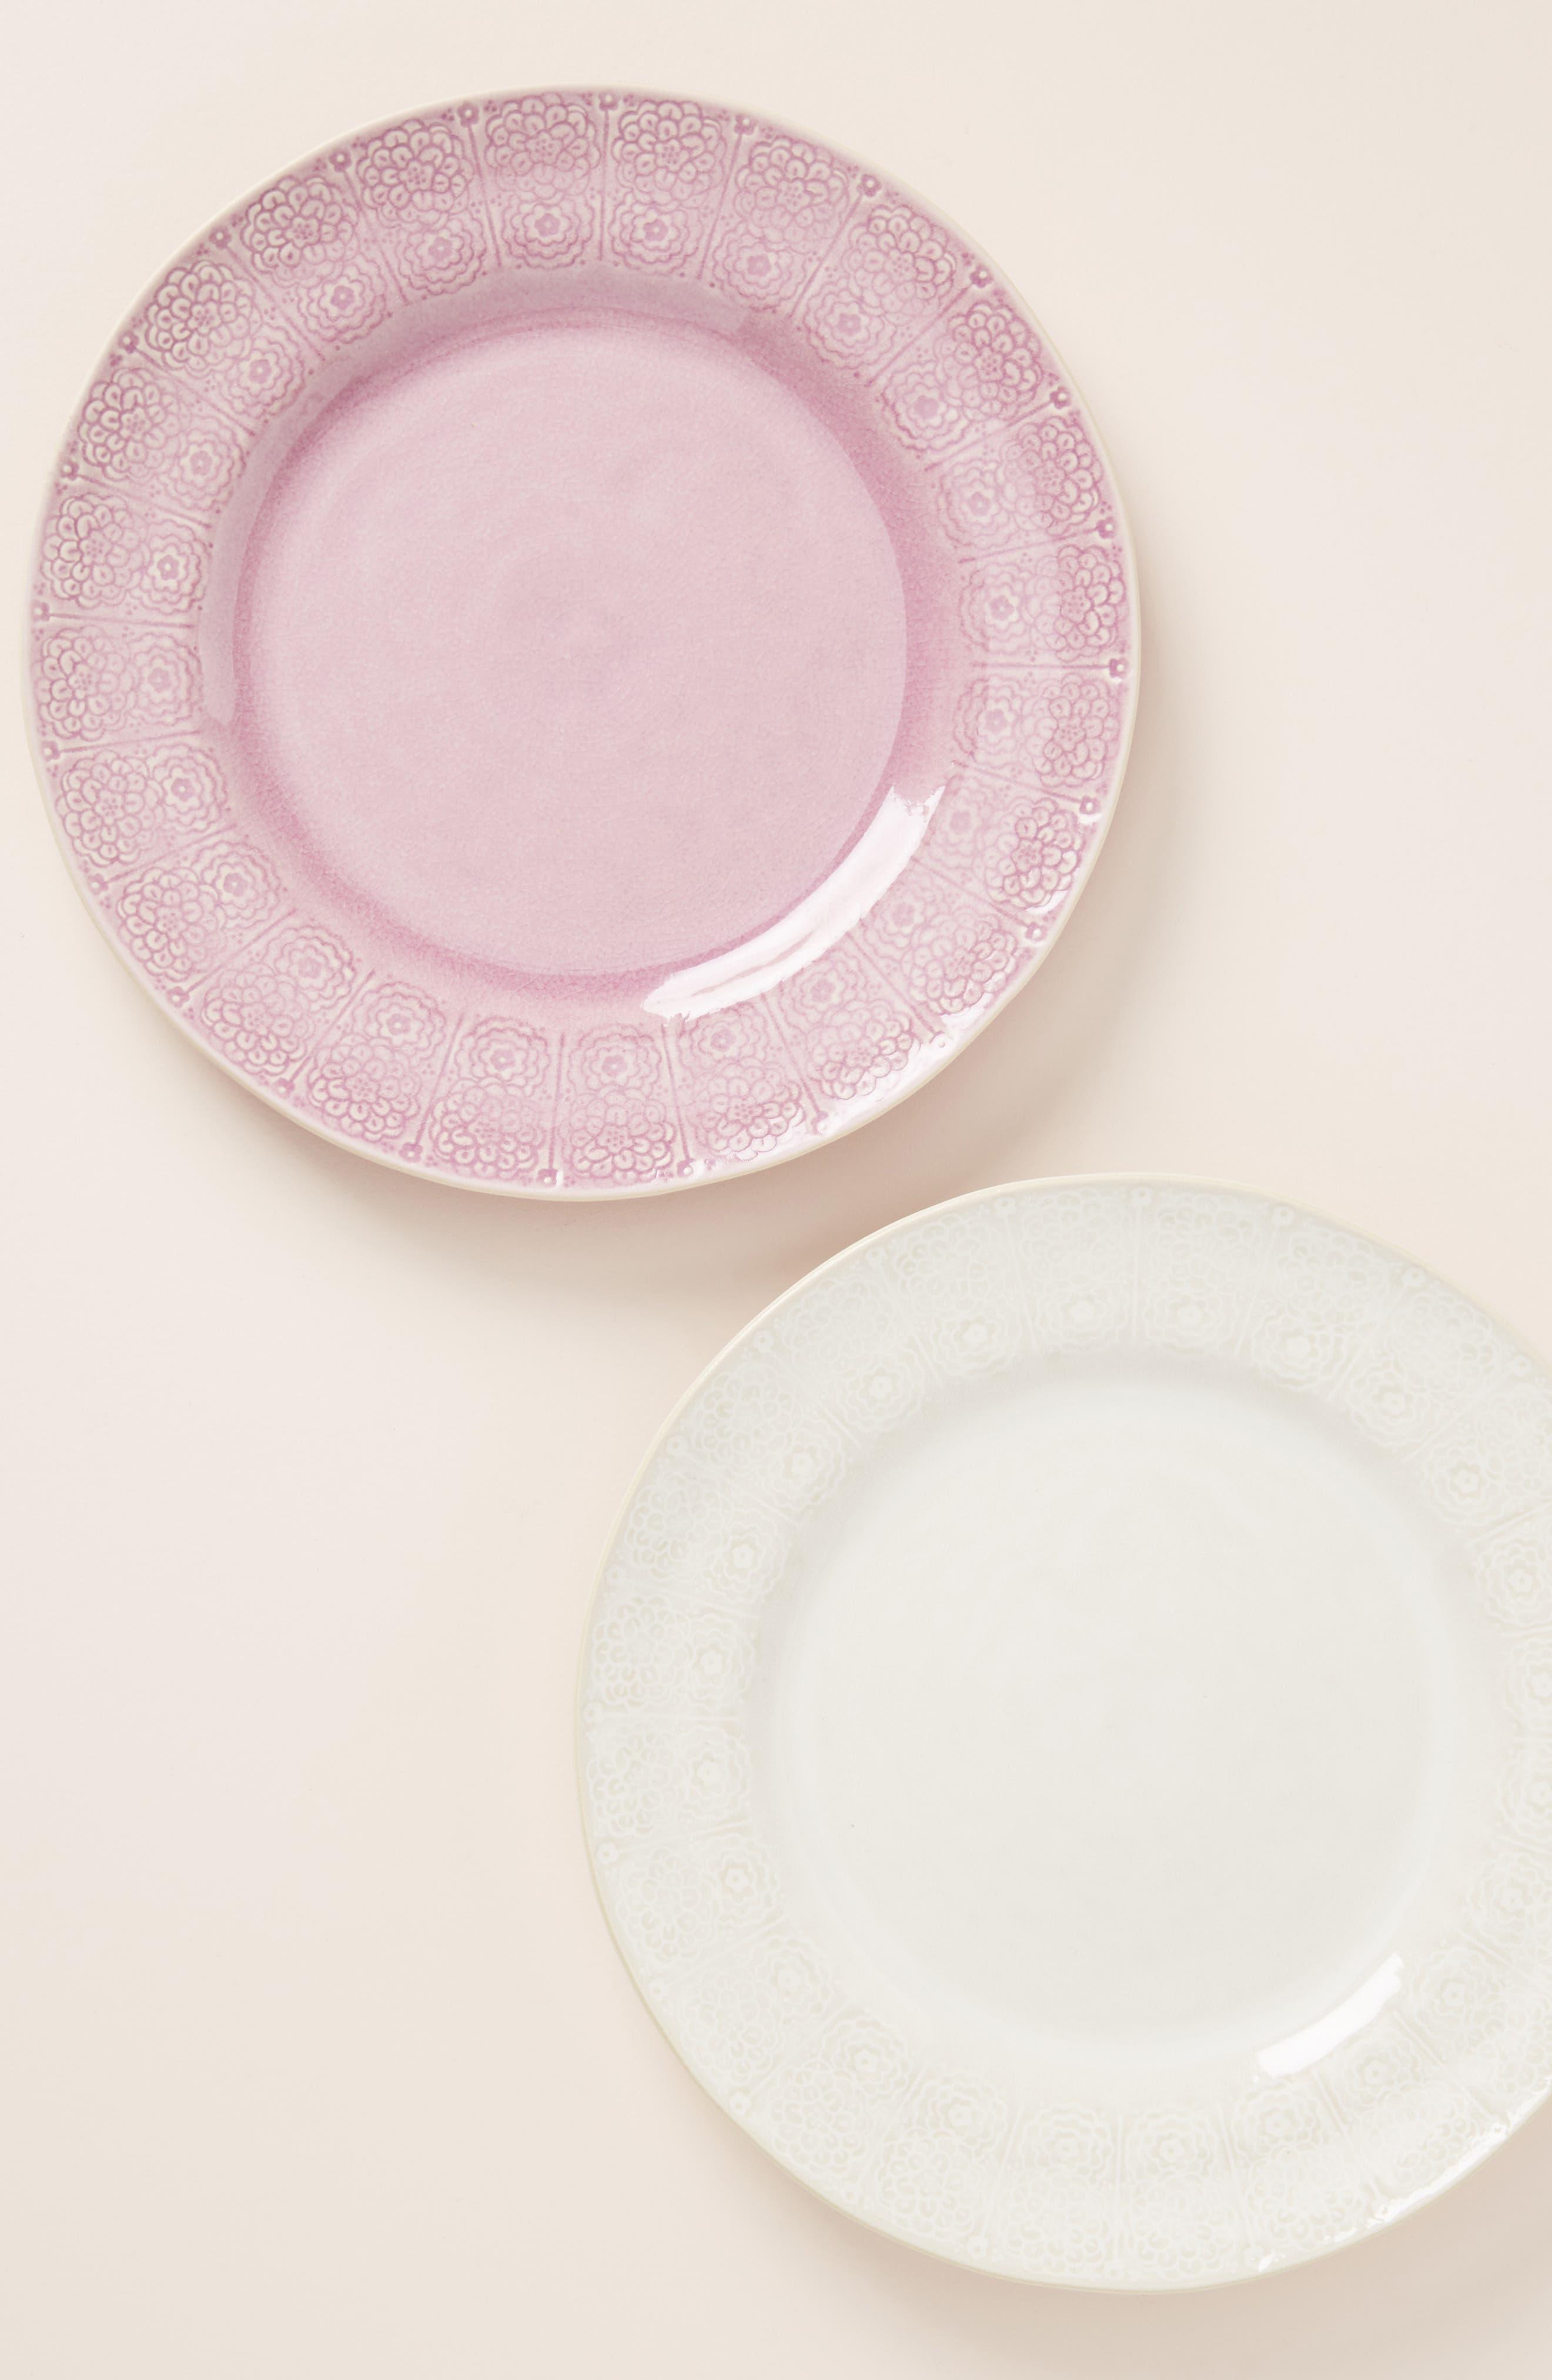 ANTHROPOLOGIE,                             Veru Dinner Plate,                             Main thumbnail 1, color,                             WHITE